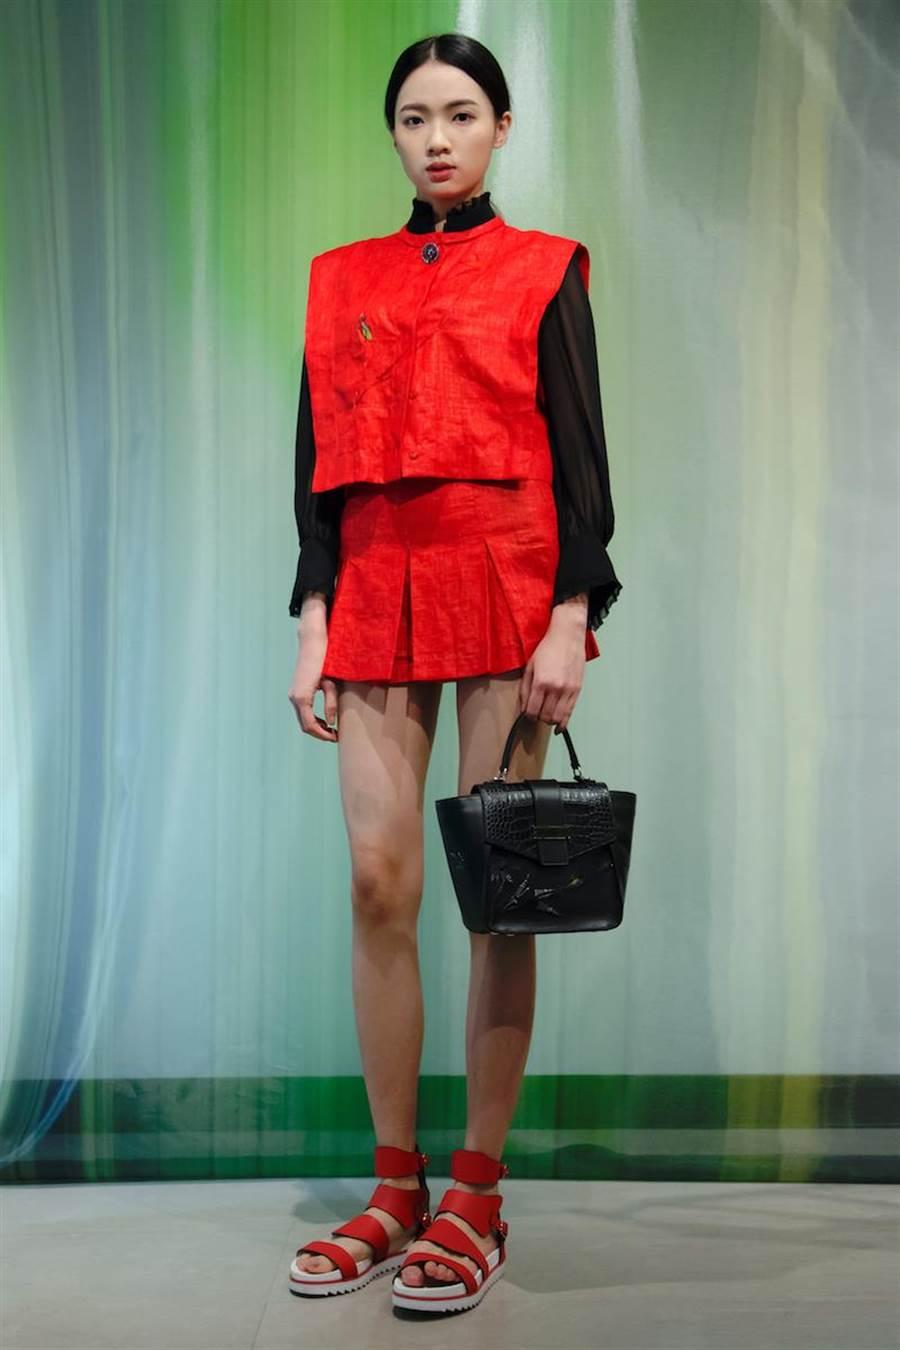 伊林女模蕭珮瑩以紅色短版方正輪廓麻質背心與俏麗短裙做同色系搭配,為過年增添年輕潮味。(夏姿提供)